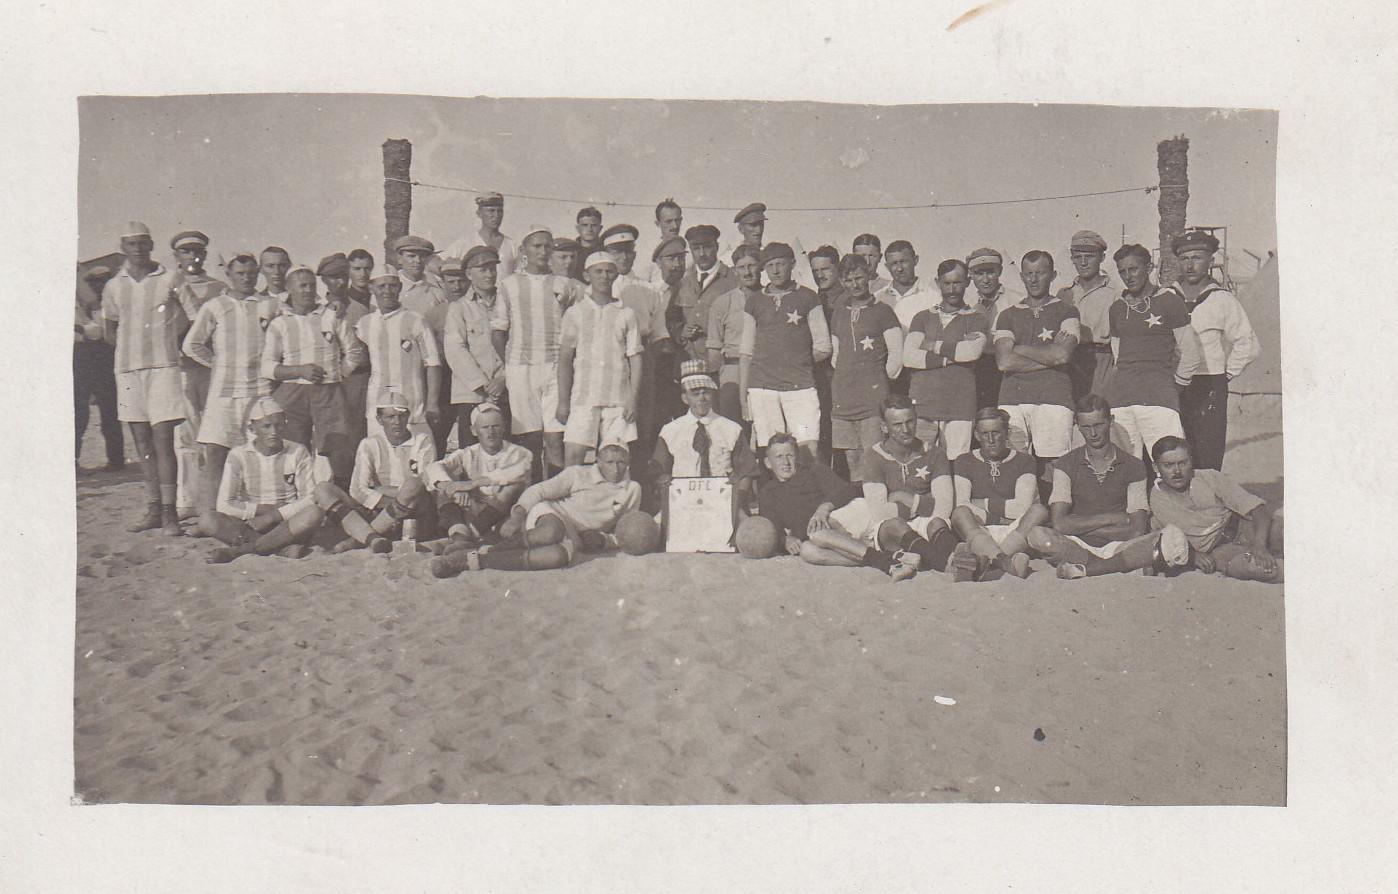 Mannschaften des D.F.C. in Sidi Bishr